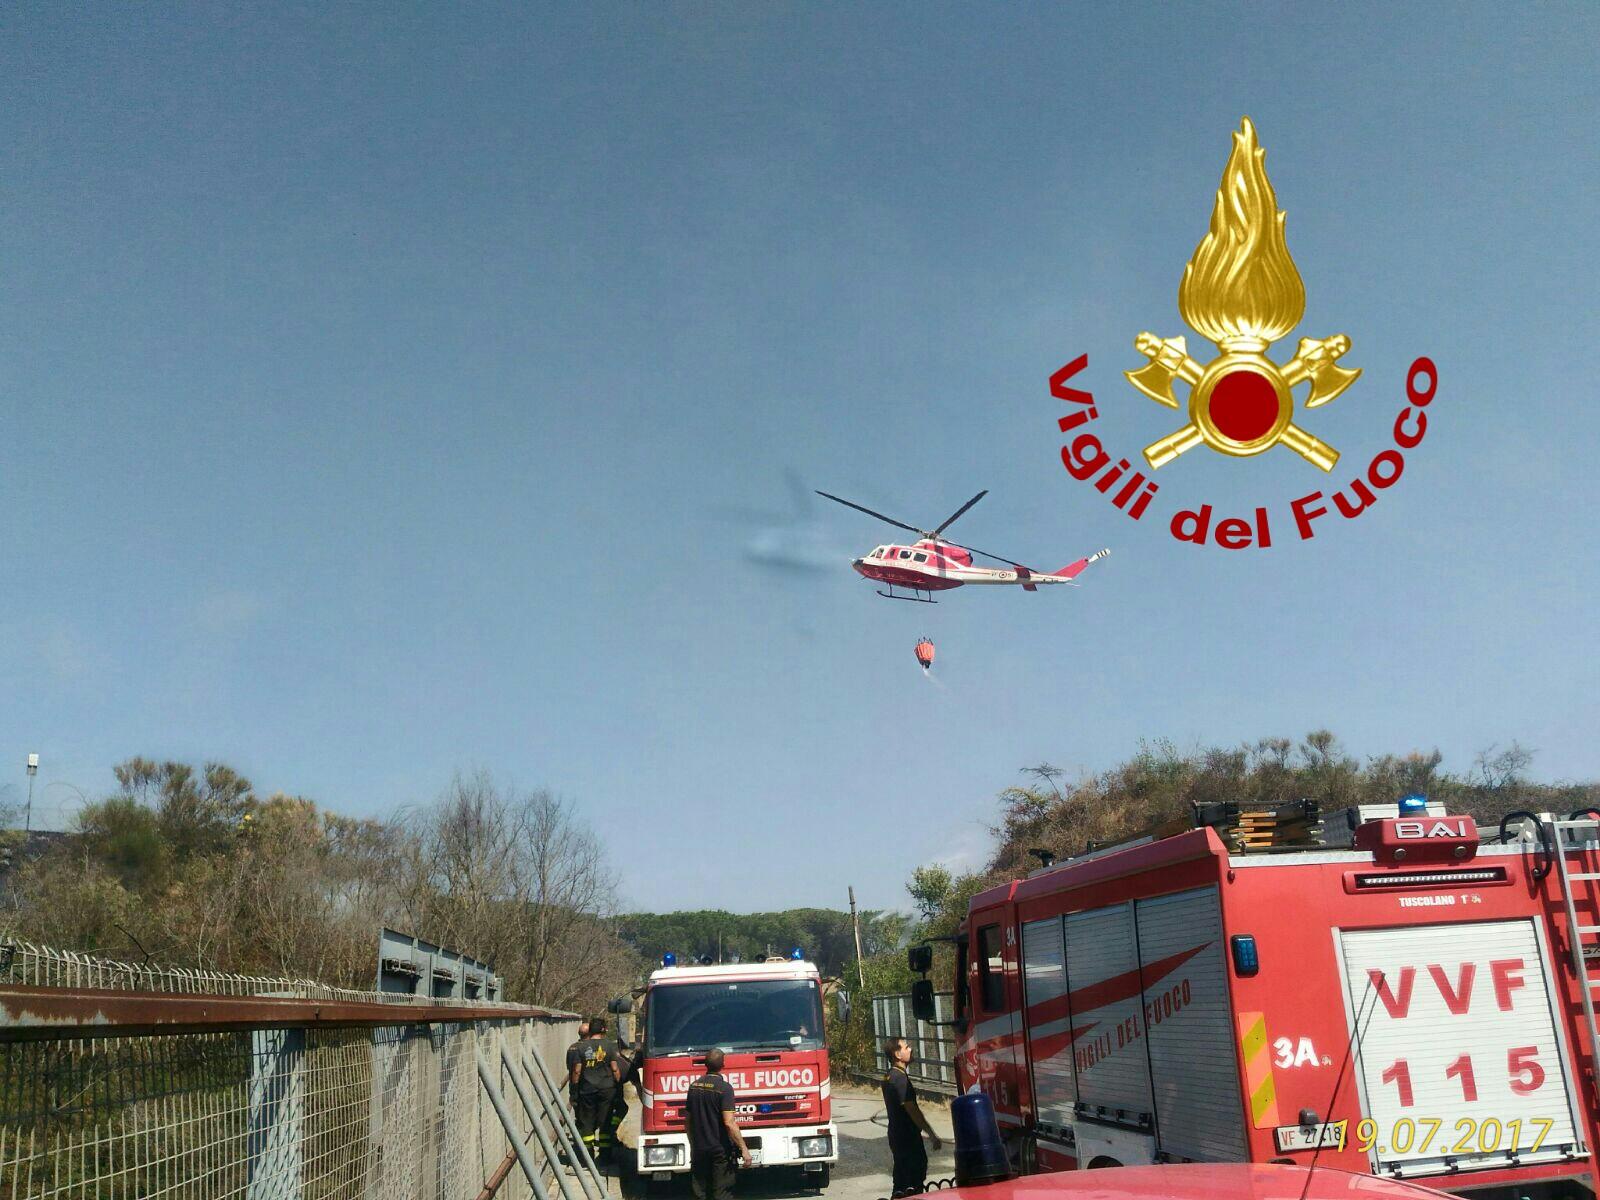 Ancora incendi a Roma, Santa Marinella e provincia: Castel Fusano continua a bruciare